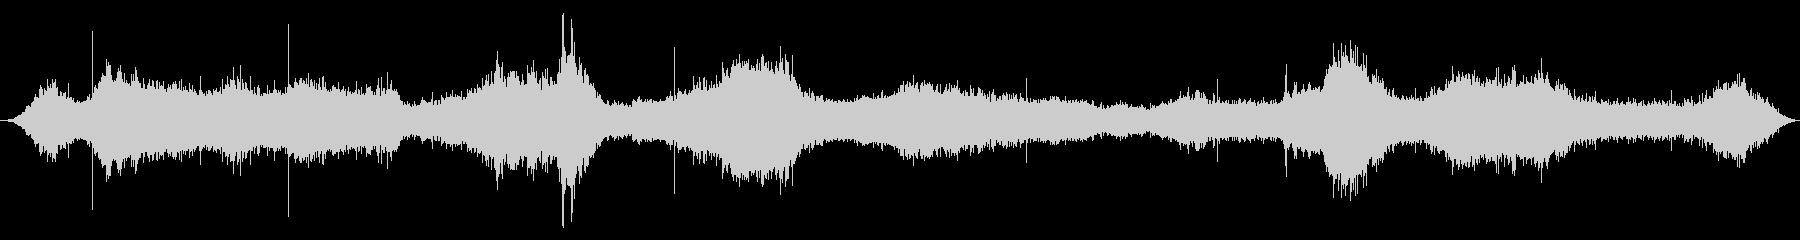 オーシャン:重い波がやってくる、ウ...の未再生の波形